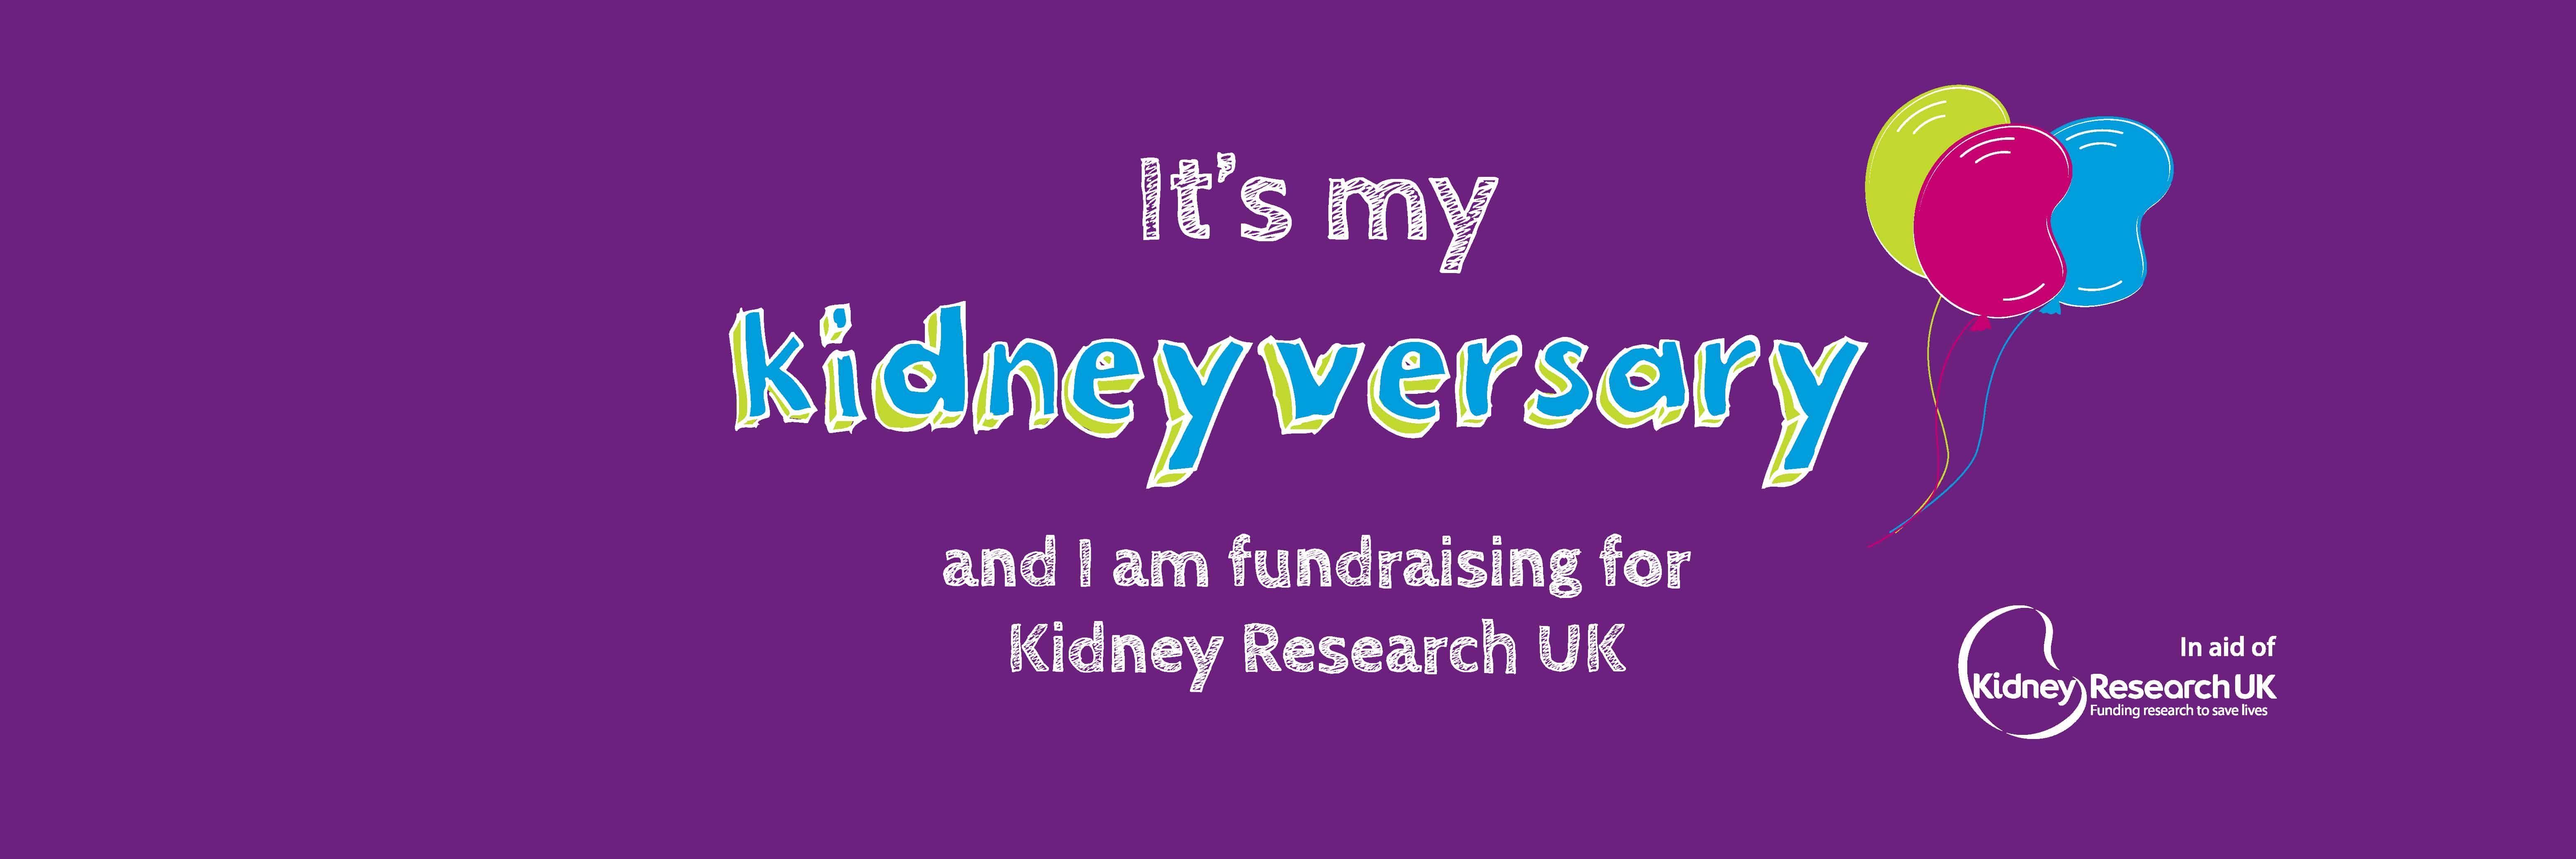 Kidneyversary twitter cover